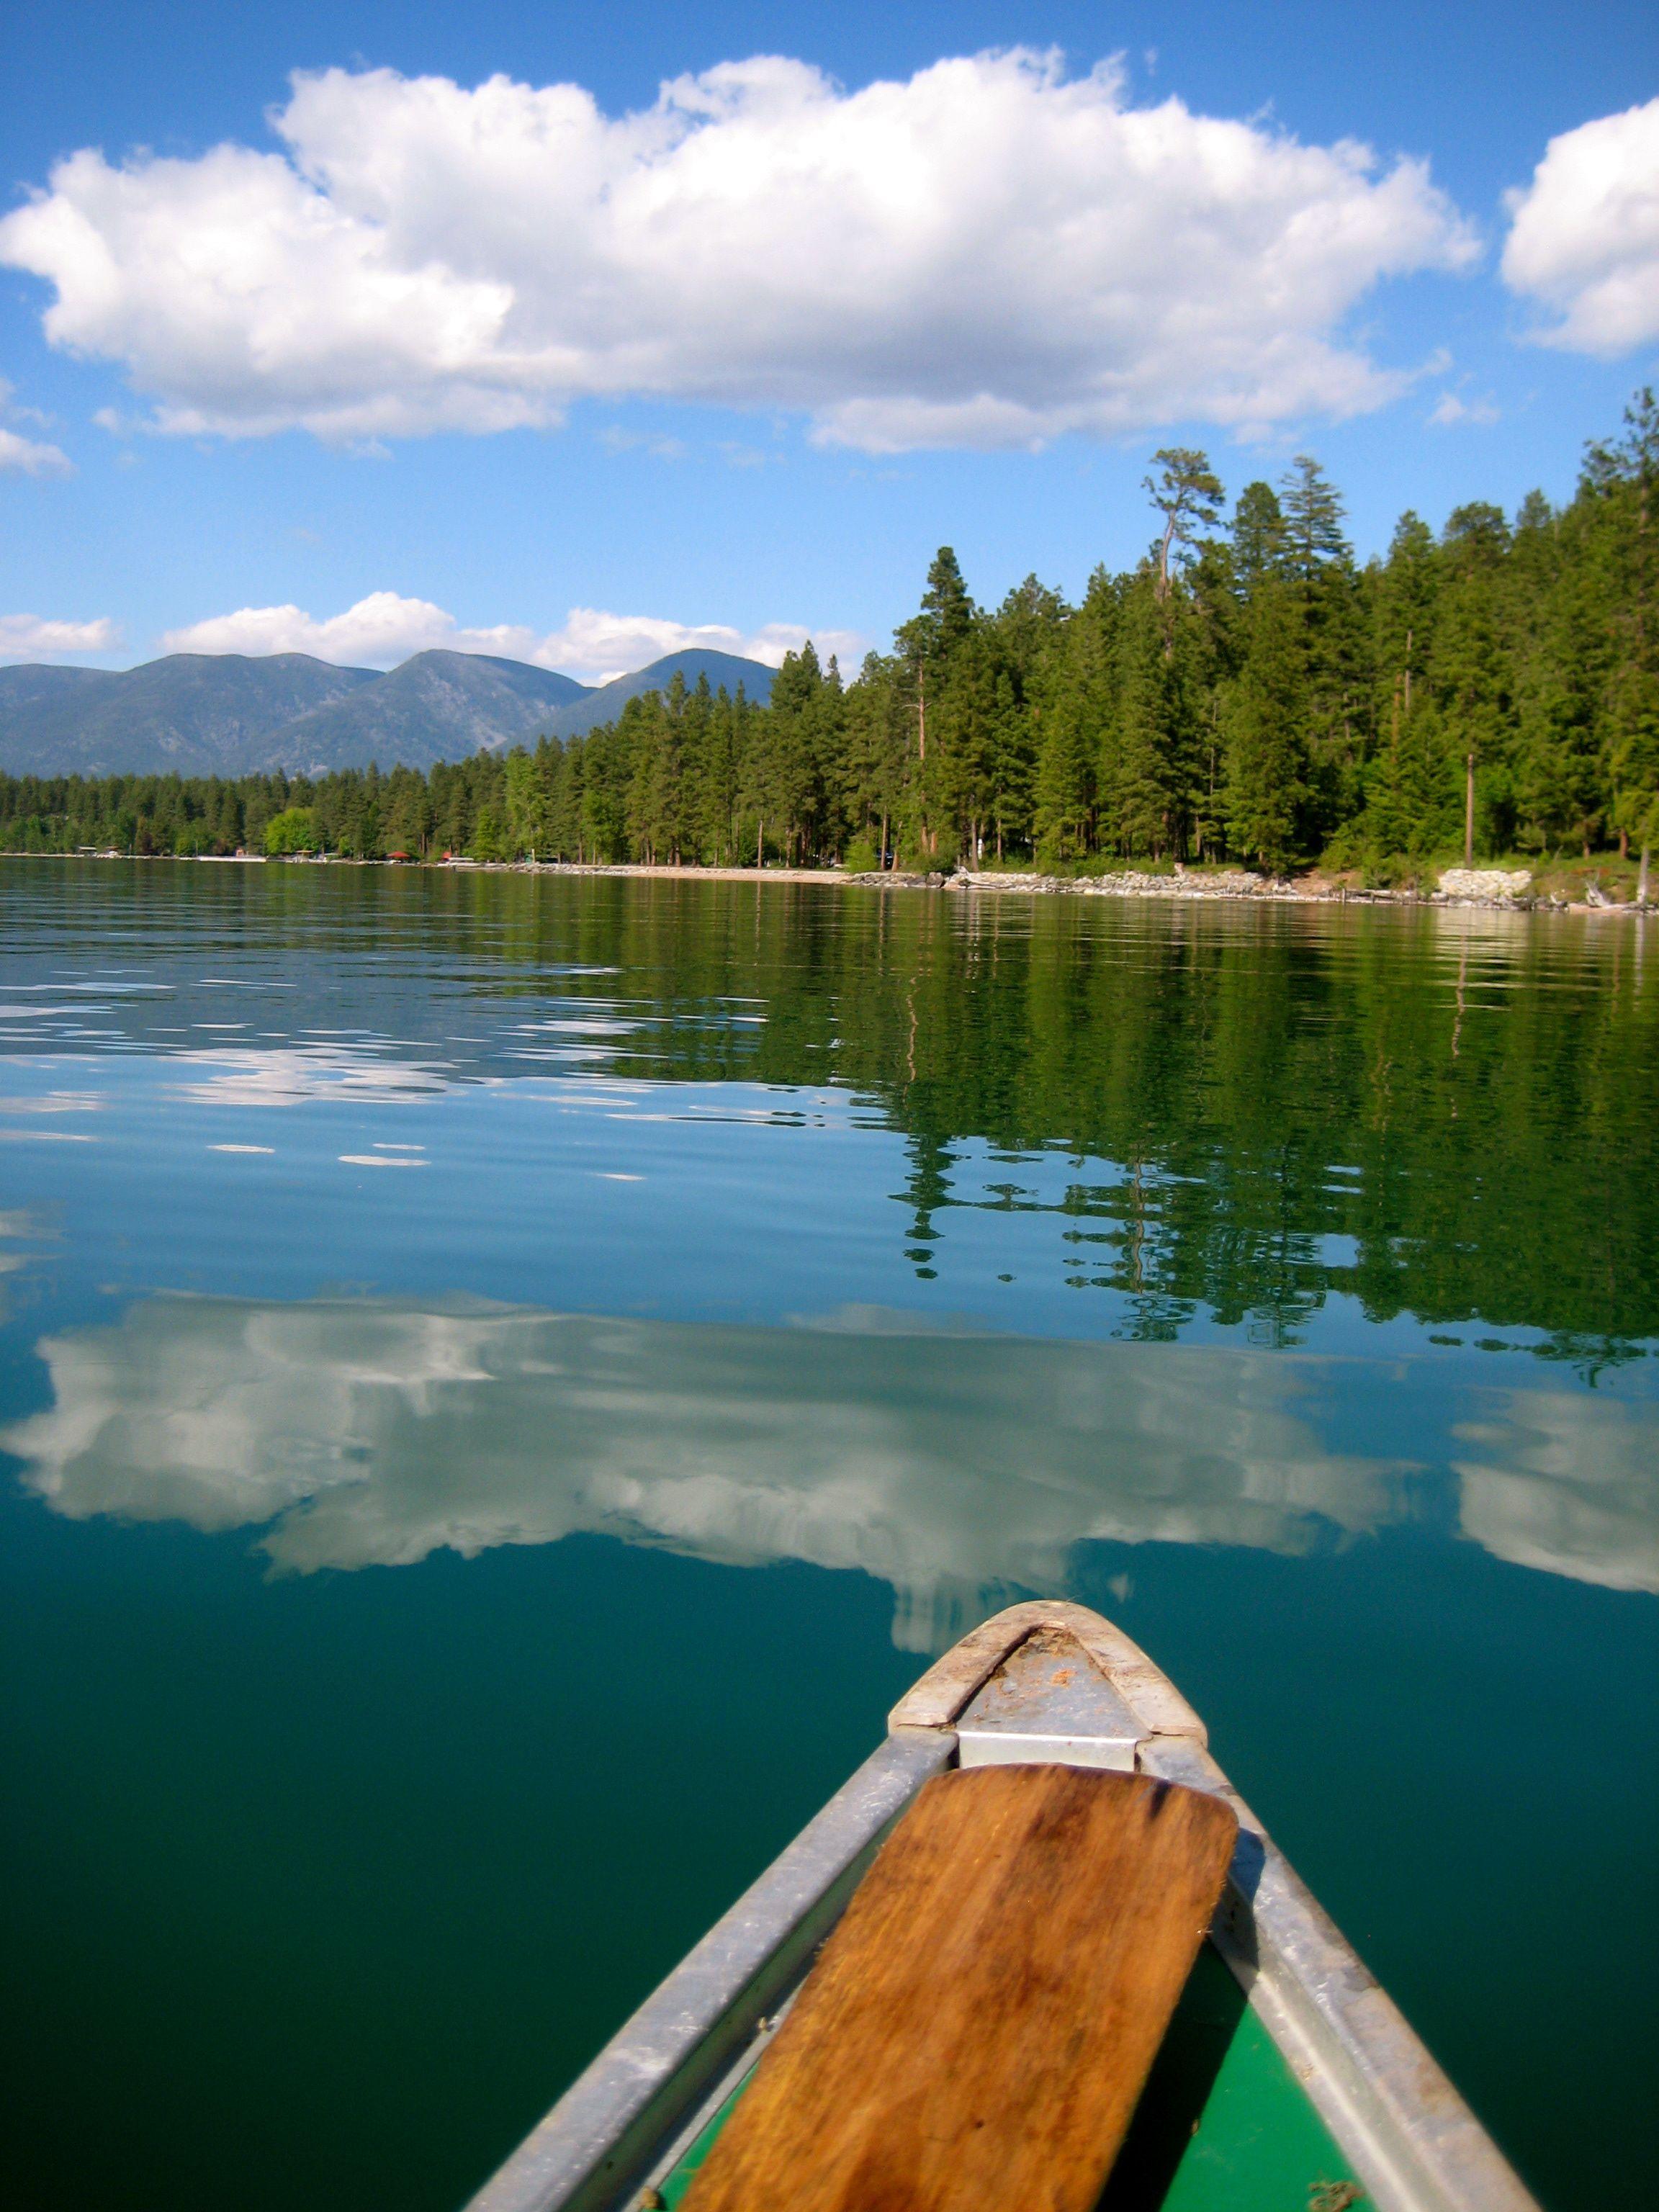 озеро флатхед фото глубина события